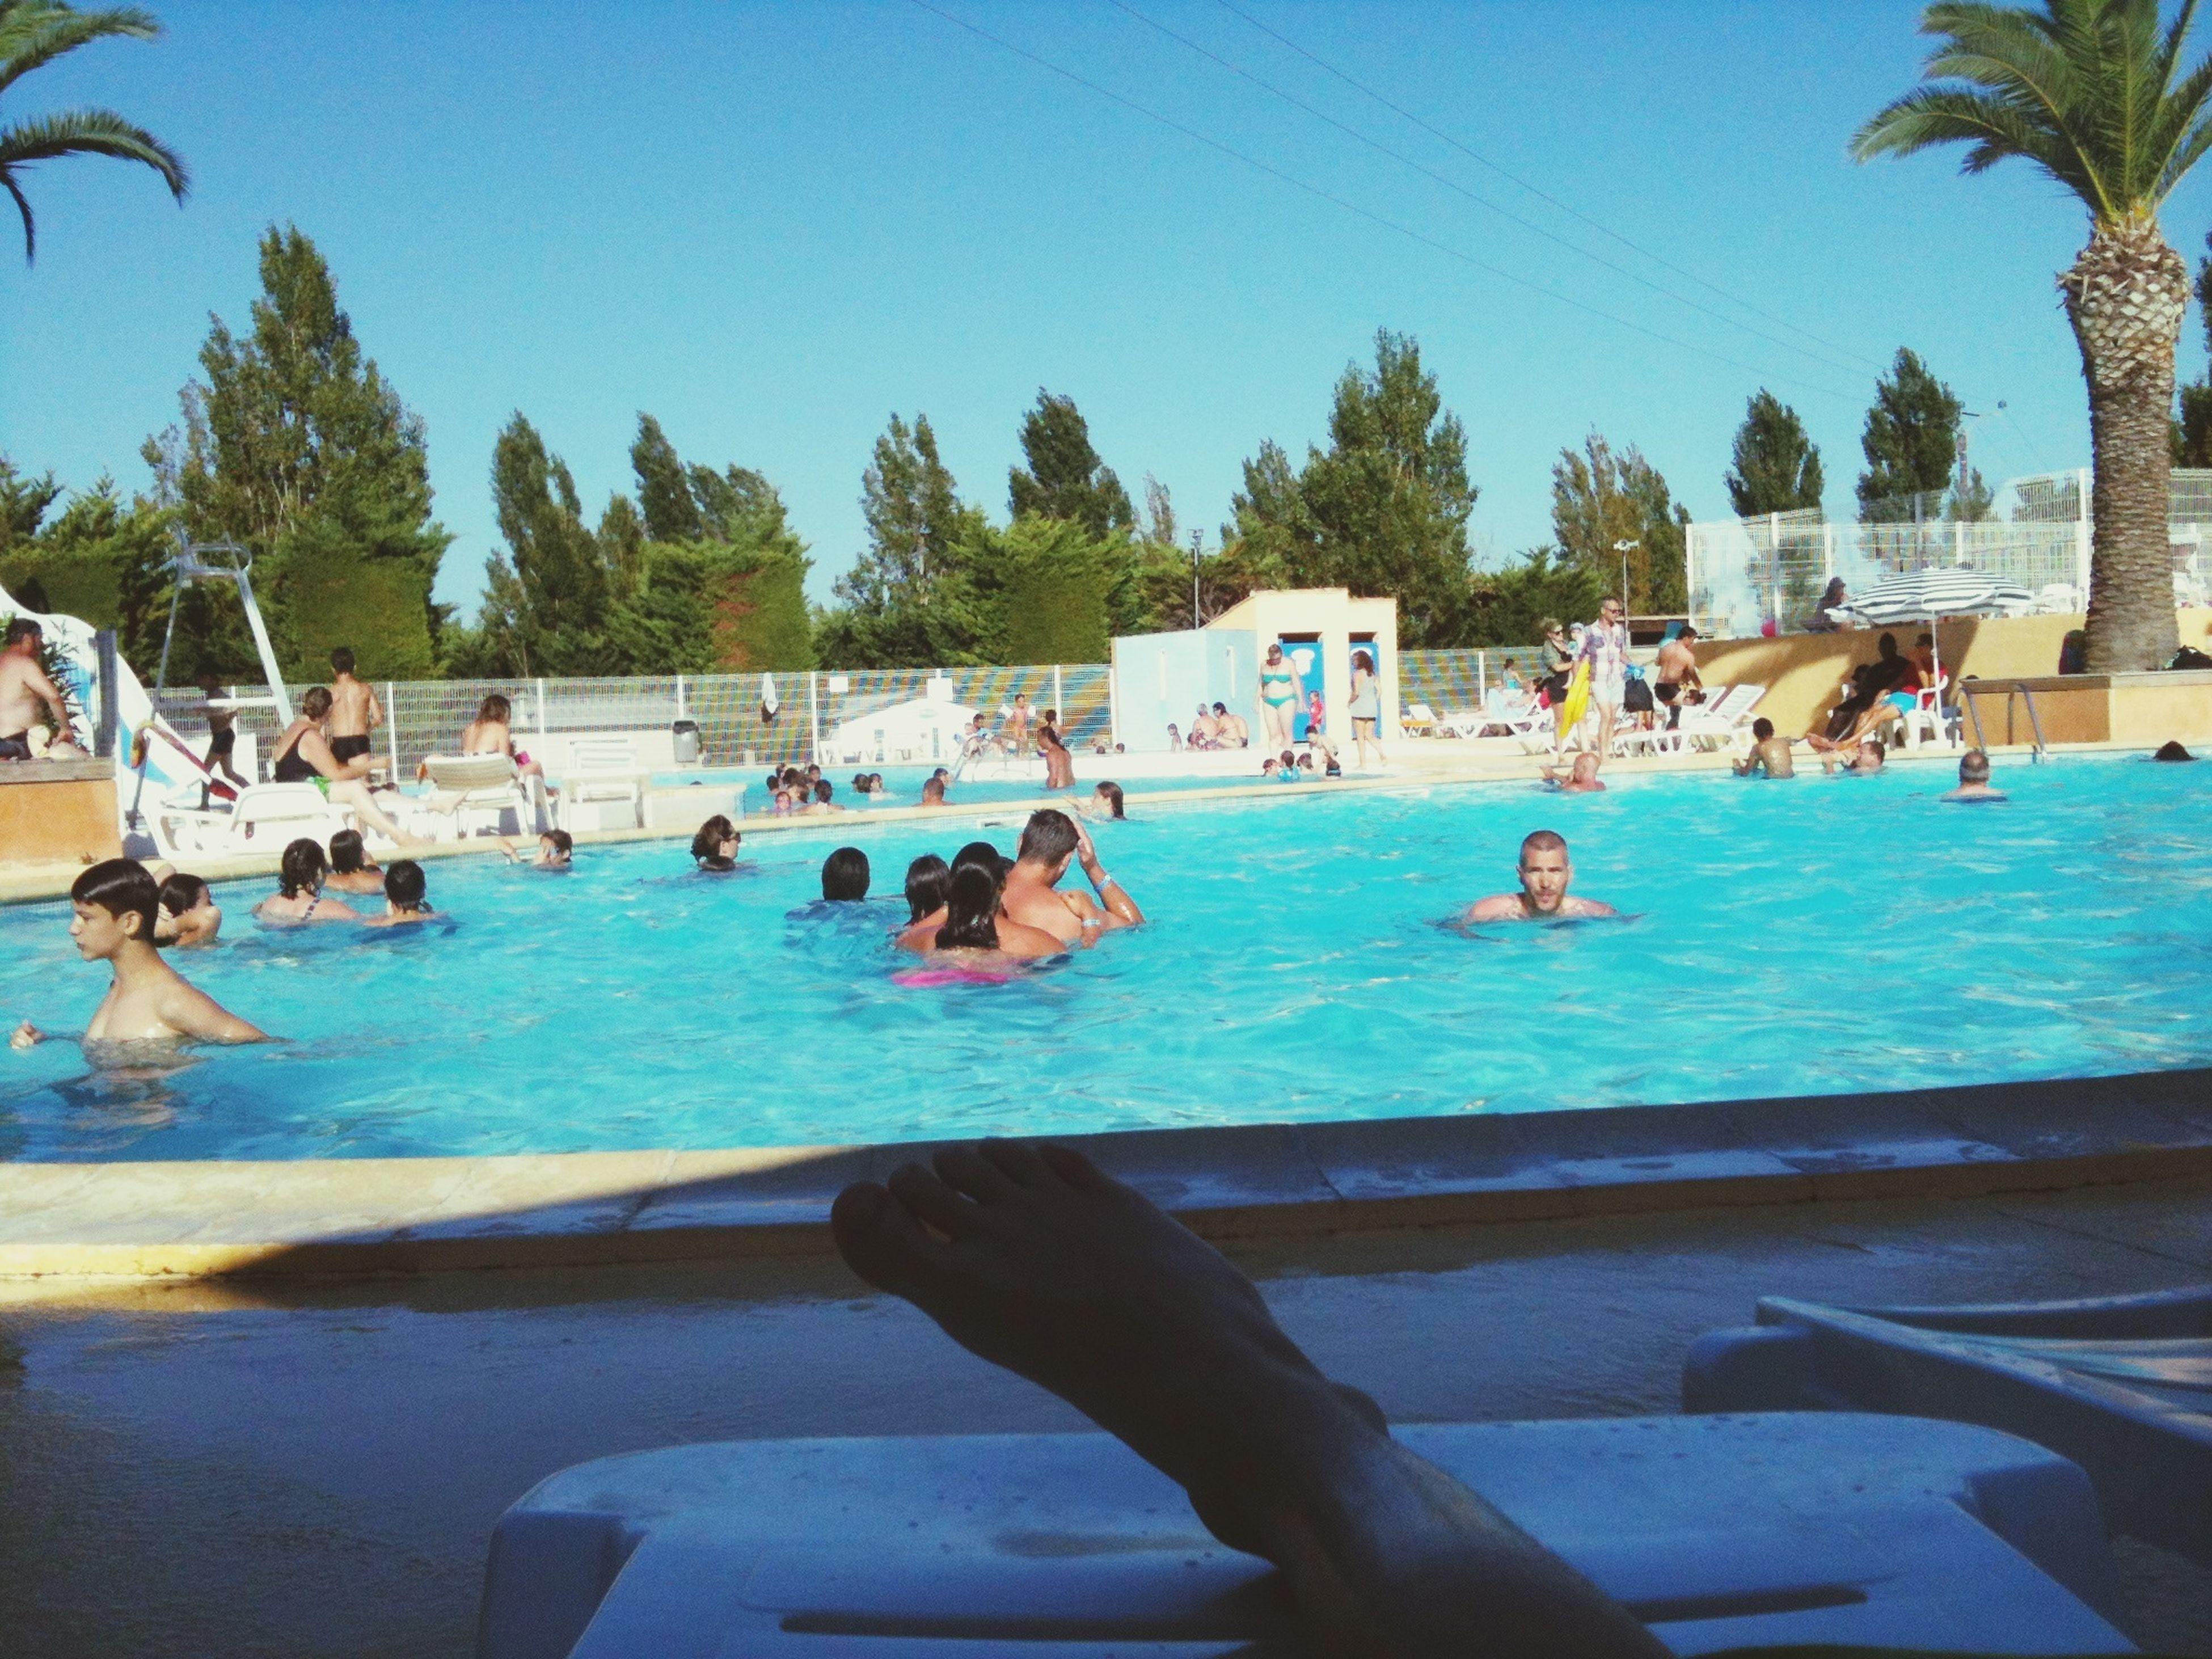 A la piscine du camping la semaine dernière